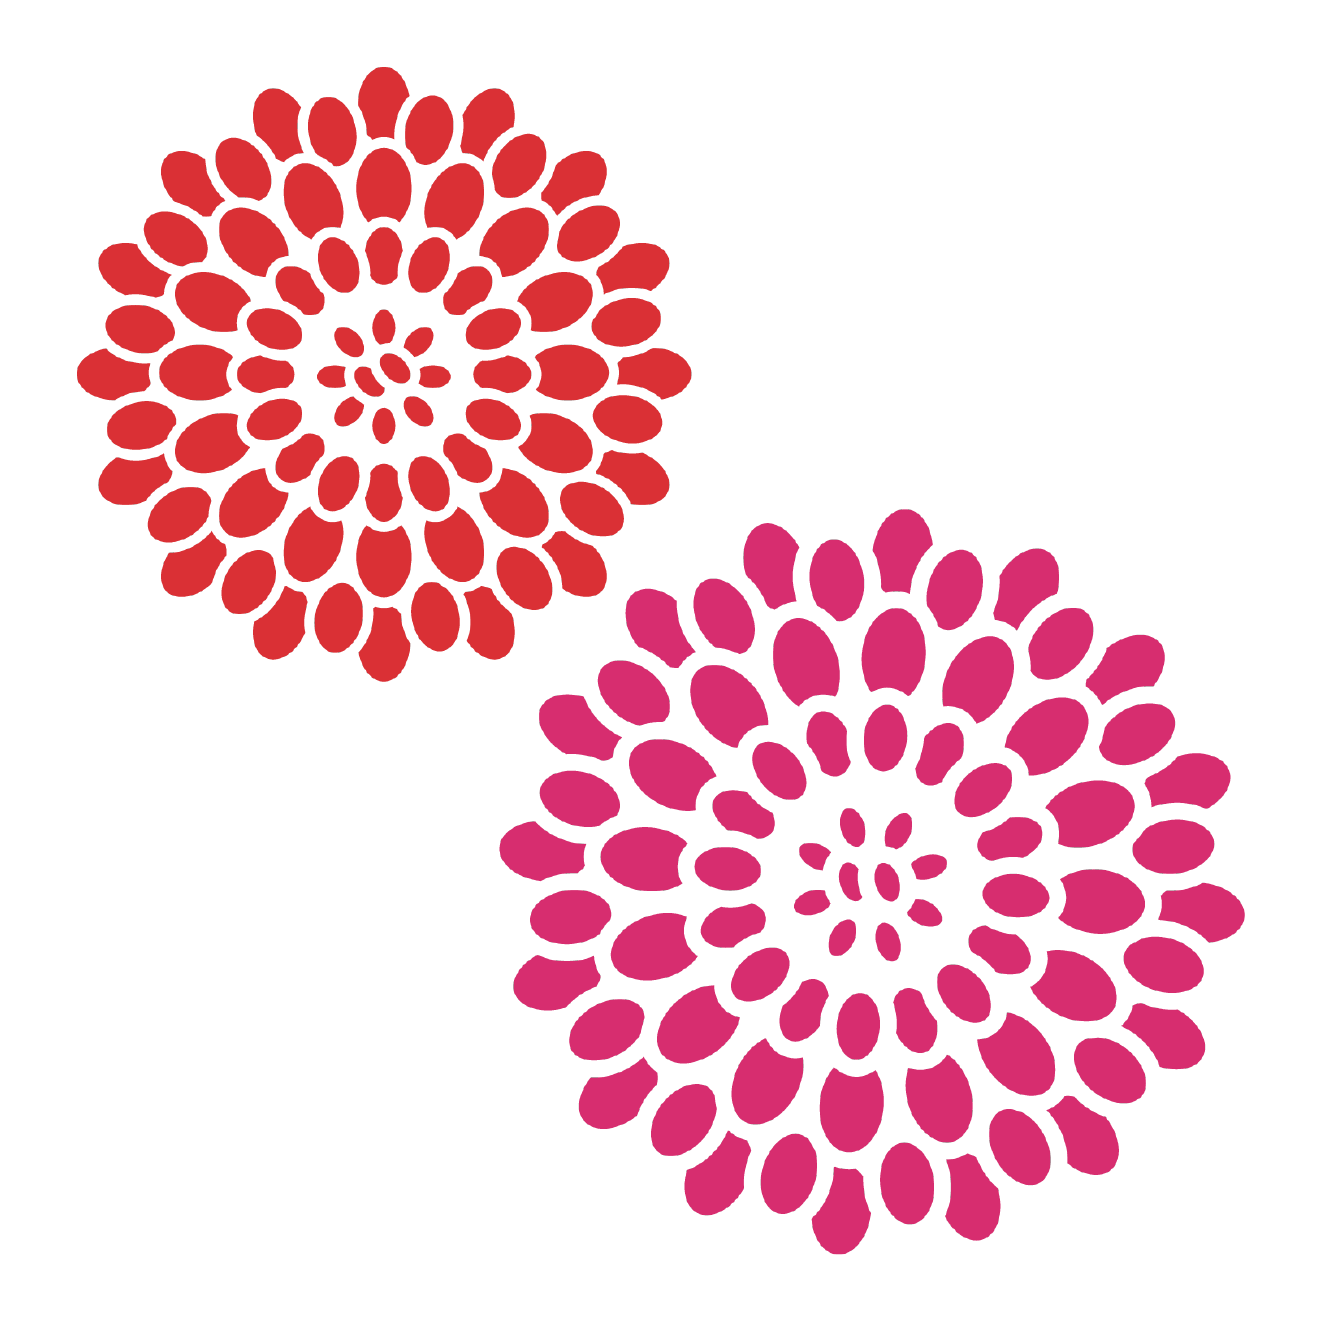 年賀状に使えそうな和風お花のデザインイラスト | 商用フリー(無料)の